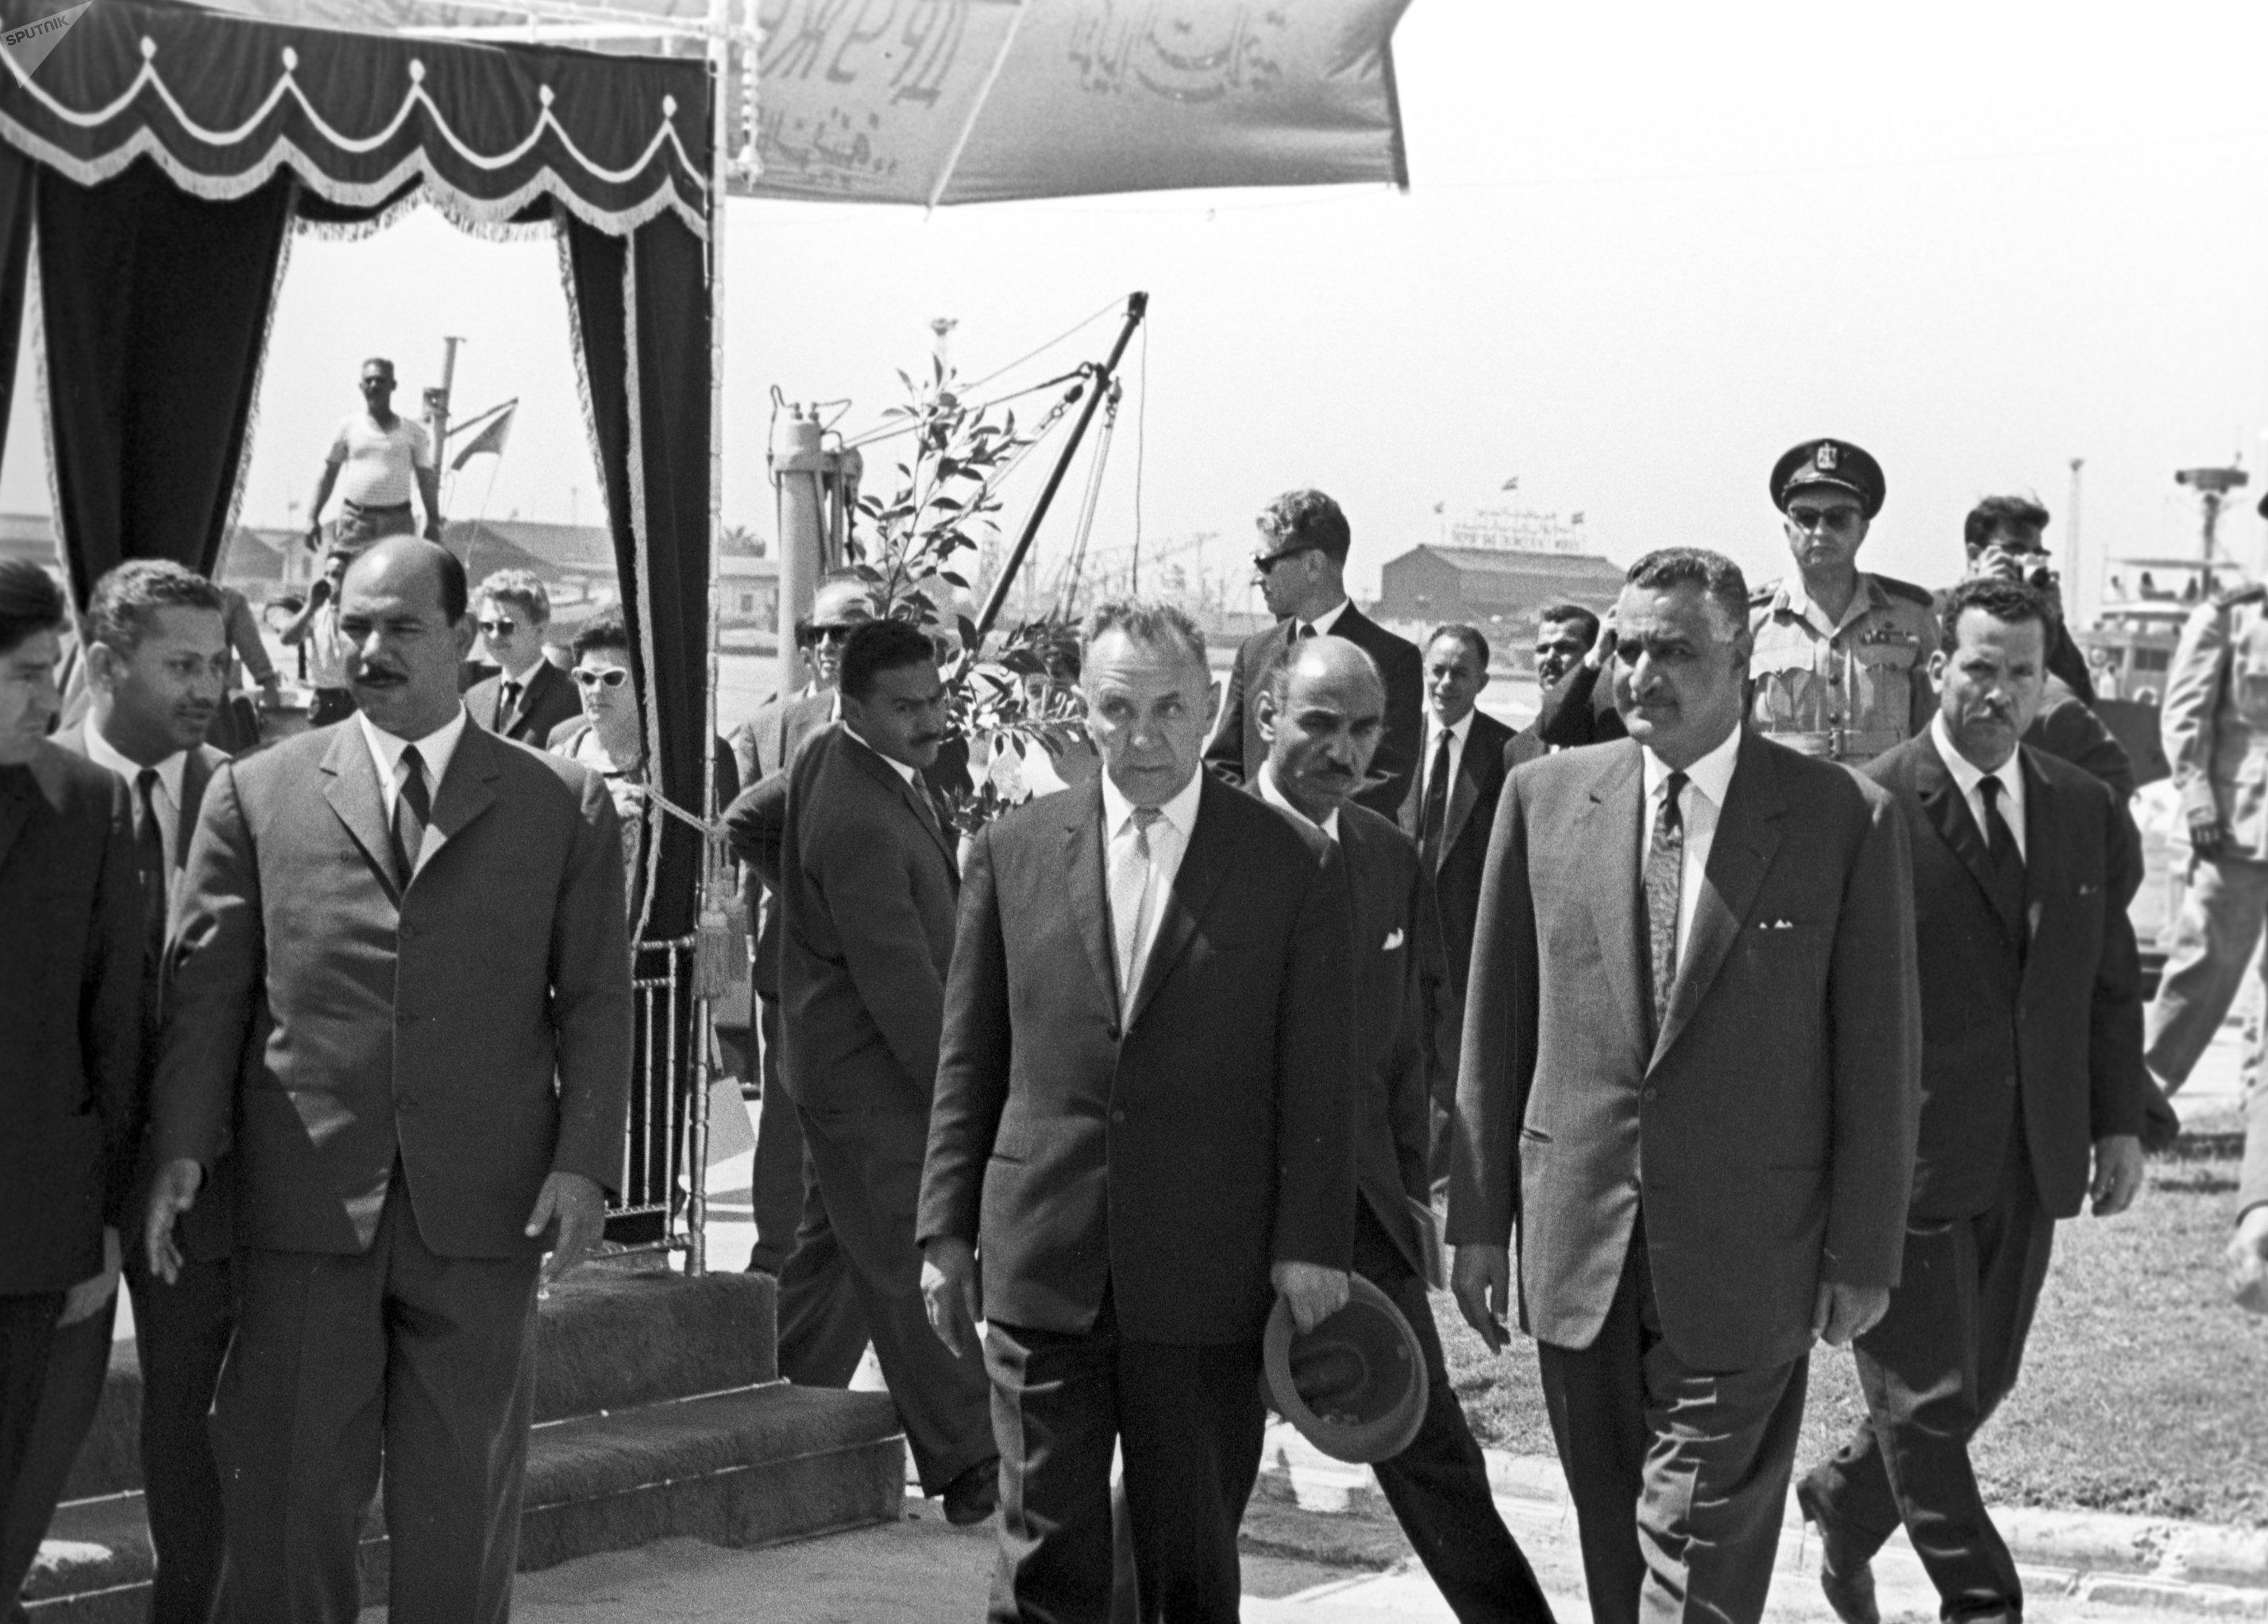 El presidente del Consejo de Ministros de la URSS, Alexéi Kosiguin, y el líder de Egipto, Gamal Abdel Naser